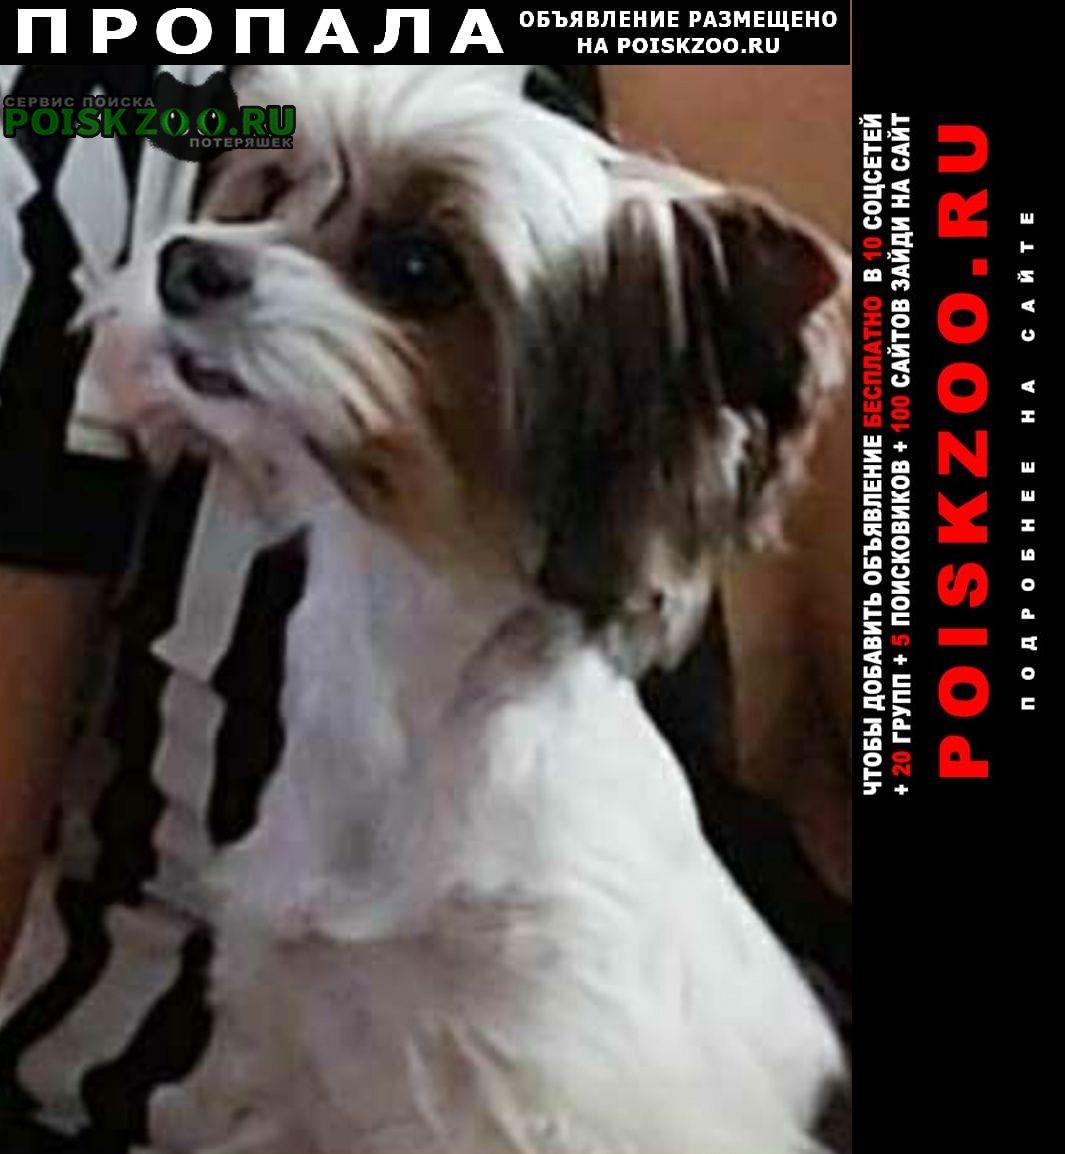 Пропала собака кобель прошу помочь найти любимца Пятигорск